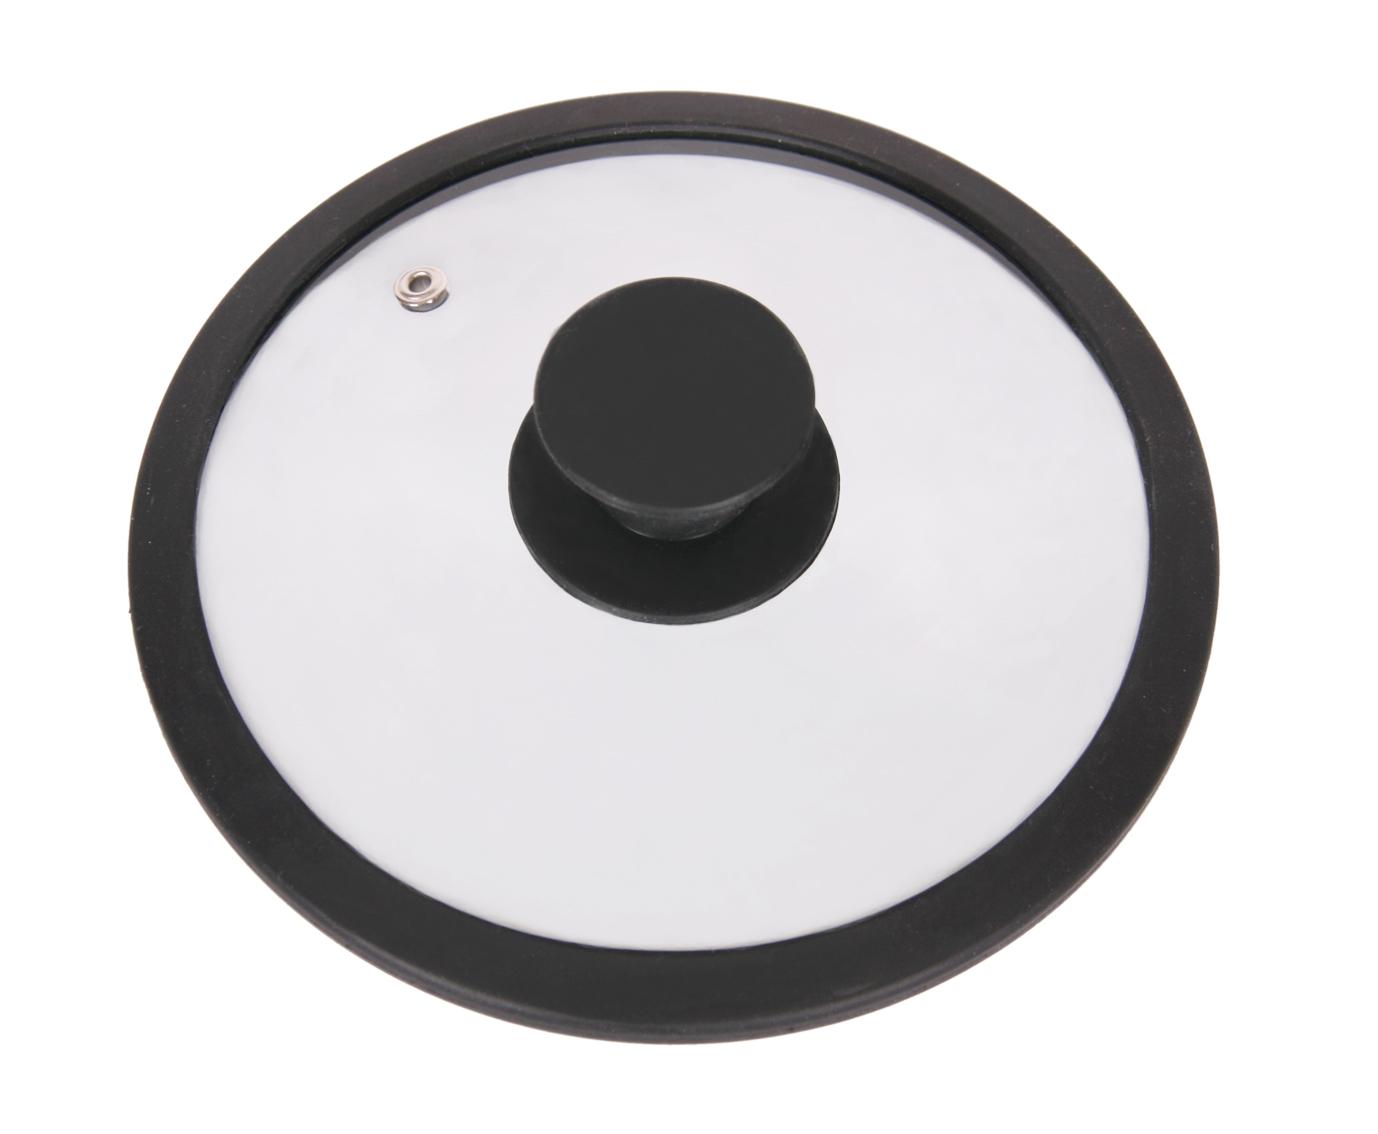 Крышка стеклянная Winner, цвет: черный. Диаметр 16 смWR-8300Крышка Winner изготовлена из термостойкого стекла с ободом из силикона. Крышка оснащена отверстием для выпуска пара. Ручка, выполненная из термостойкого бакелита с силиконовым покрытием, защищает ваши руки от высоких температур. Крышка удобна в использовании и позволяет контролировать процесс приготовления пищи. Характеристики: Материал: стекло, силикон, бакелит. Диаметр: 16 см. Изготовитель: Германия. Производитель: Китай. Размер упаковки: 16,6 см х 16,6 см х 4 см. Артикул: WR-8300.